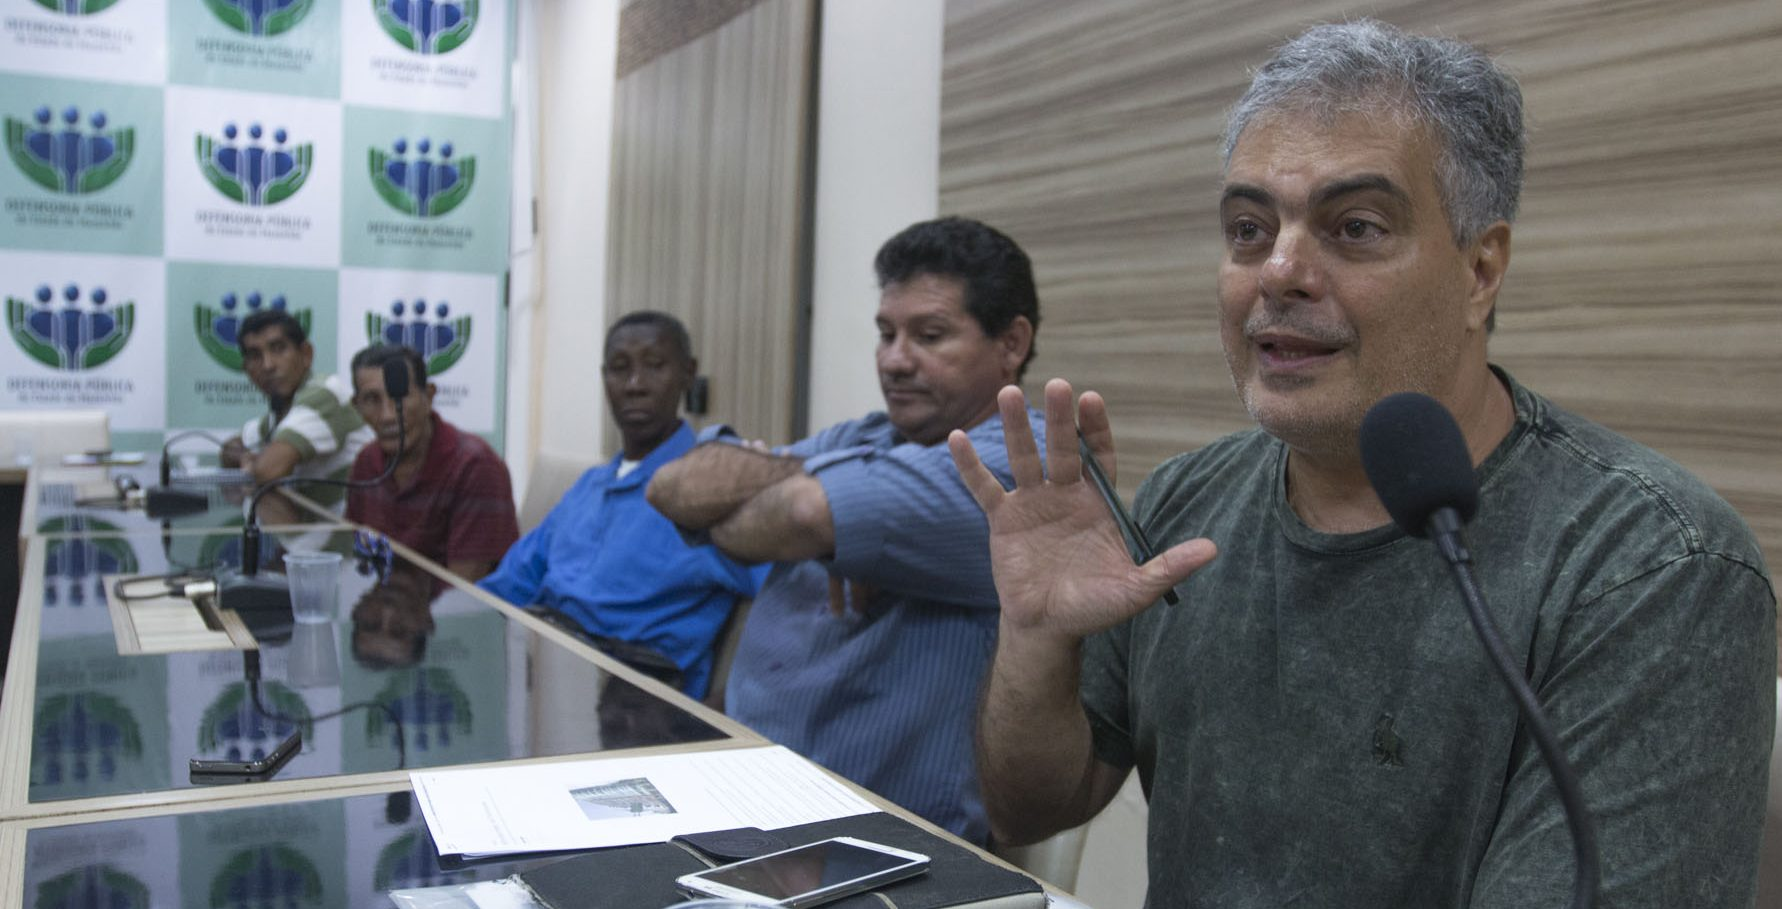 Horácio Antunes de Sant'Ana Júnior, professor de sociologia da UFMA (Foto: Amazônia Real)